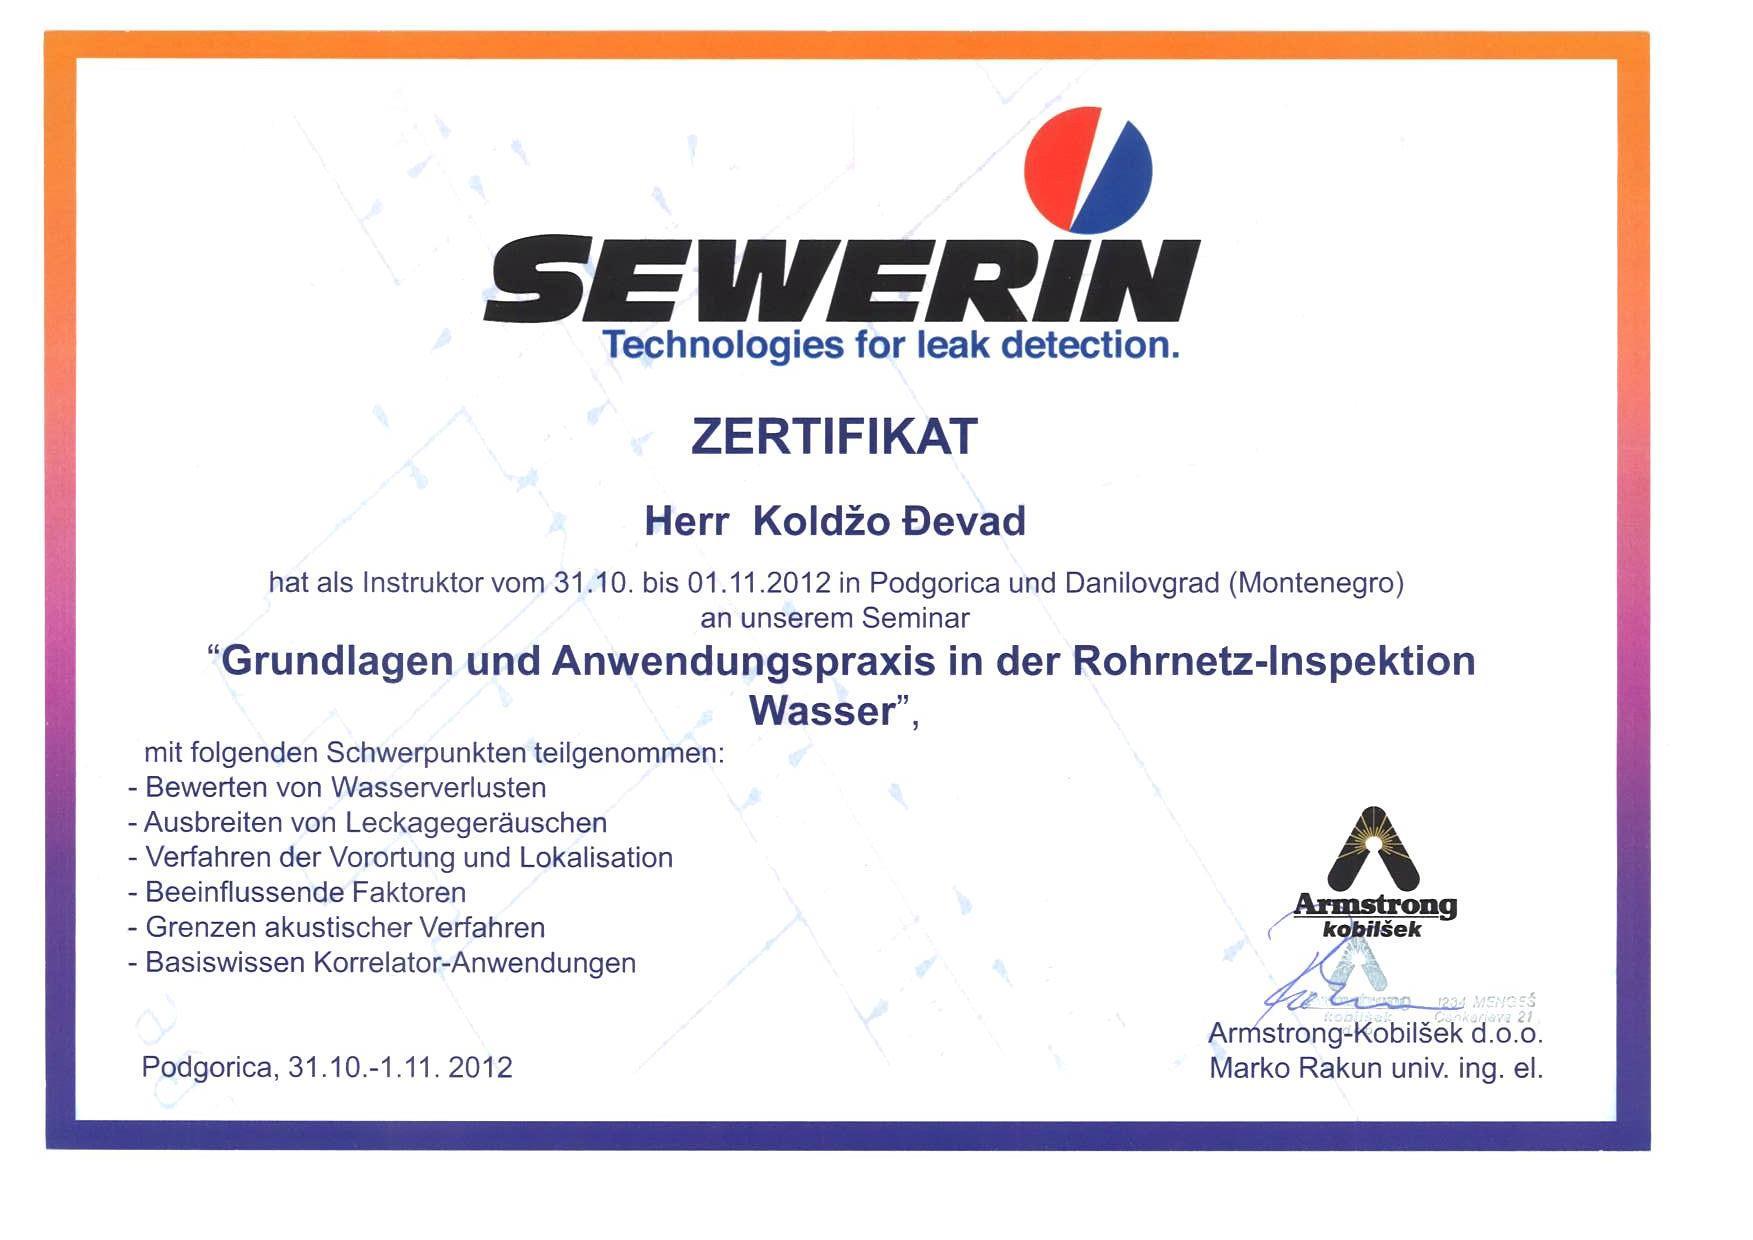 SEWERIN Certificat german